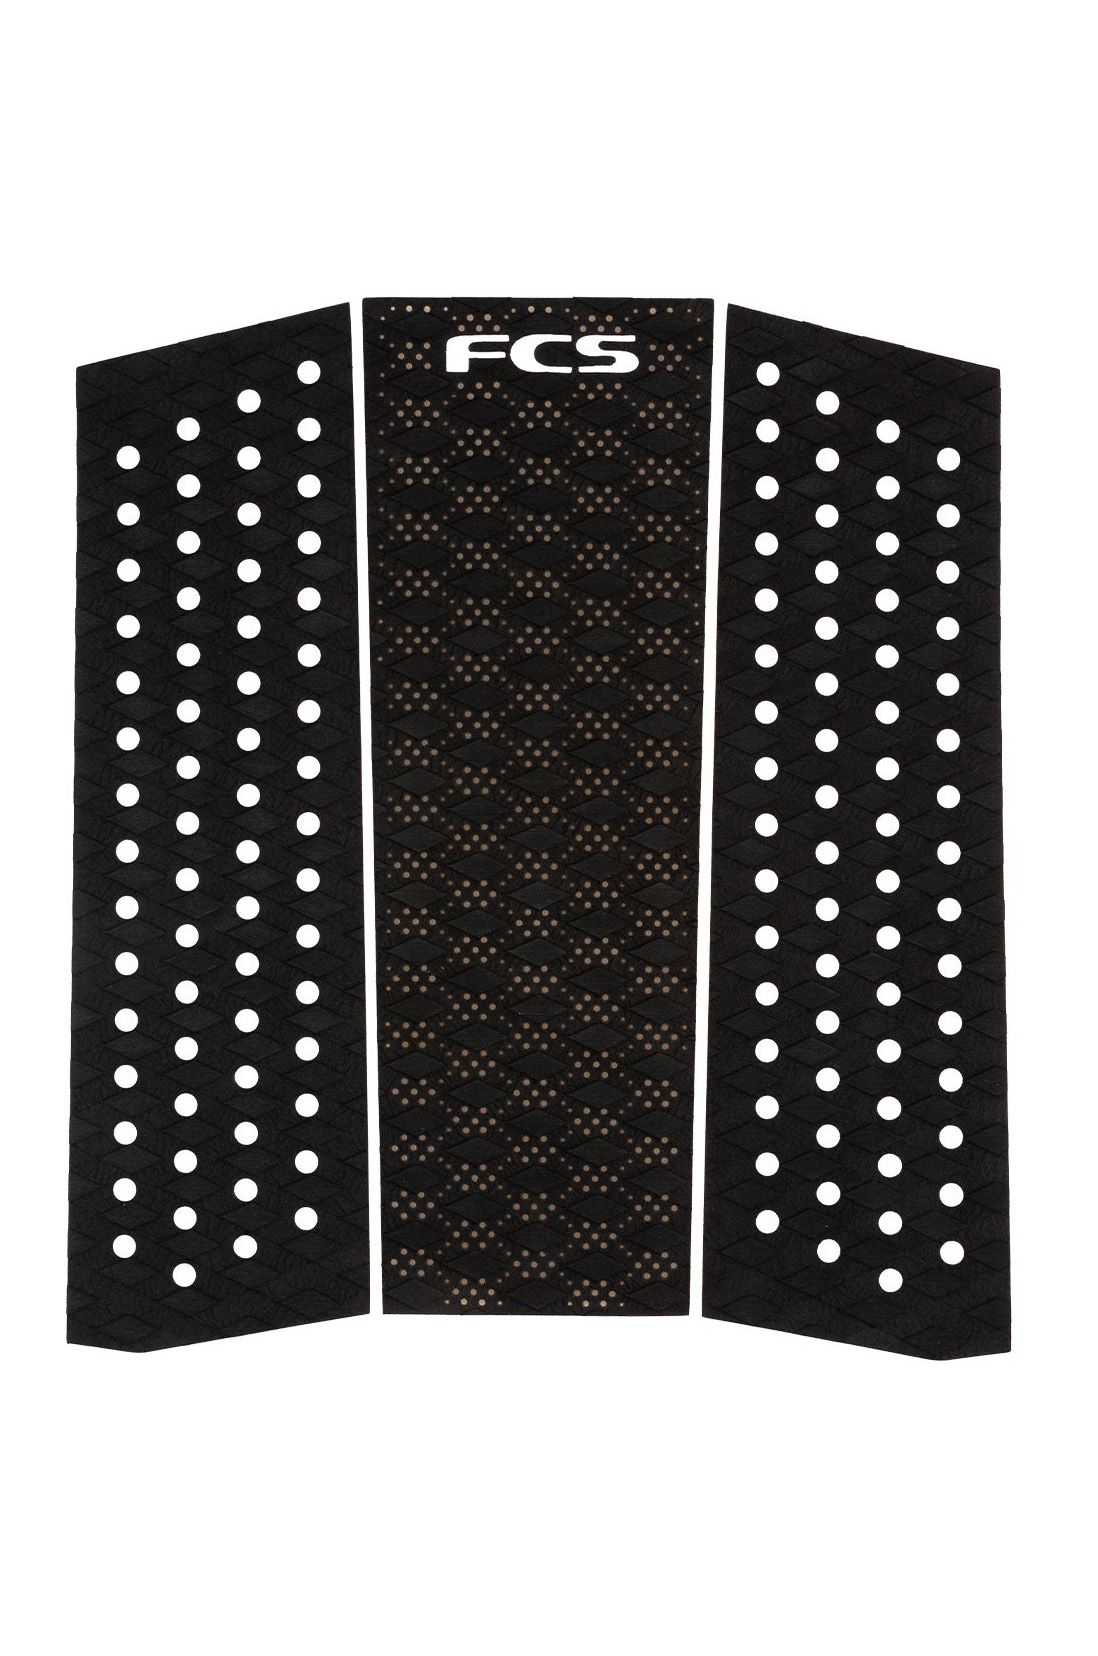 Fcs Deck T-3 MID Black